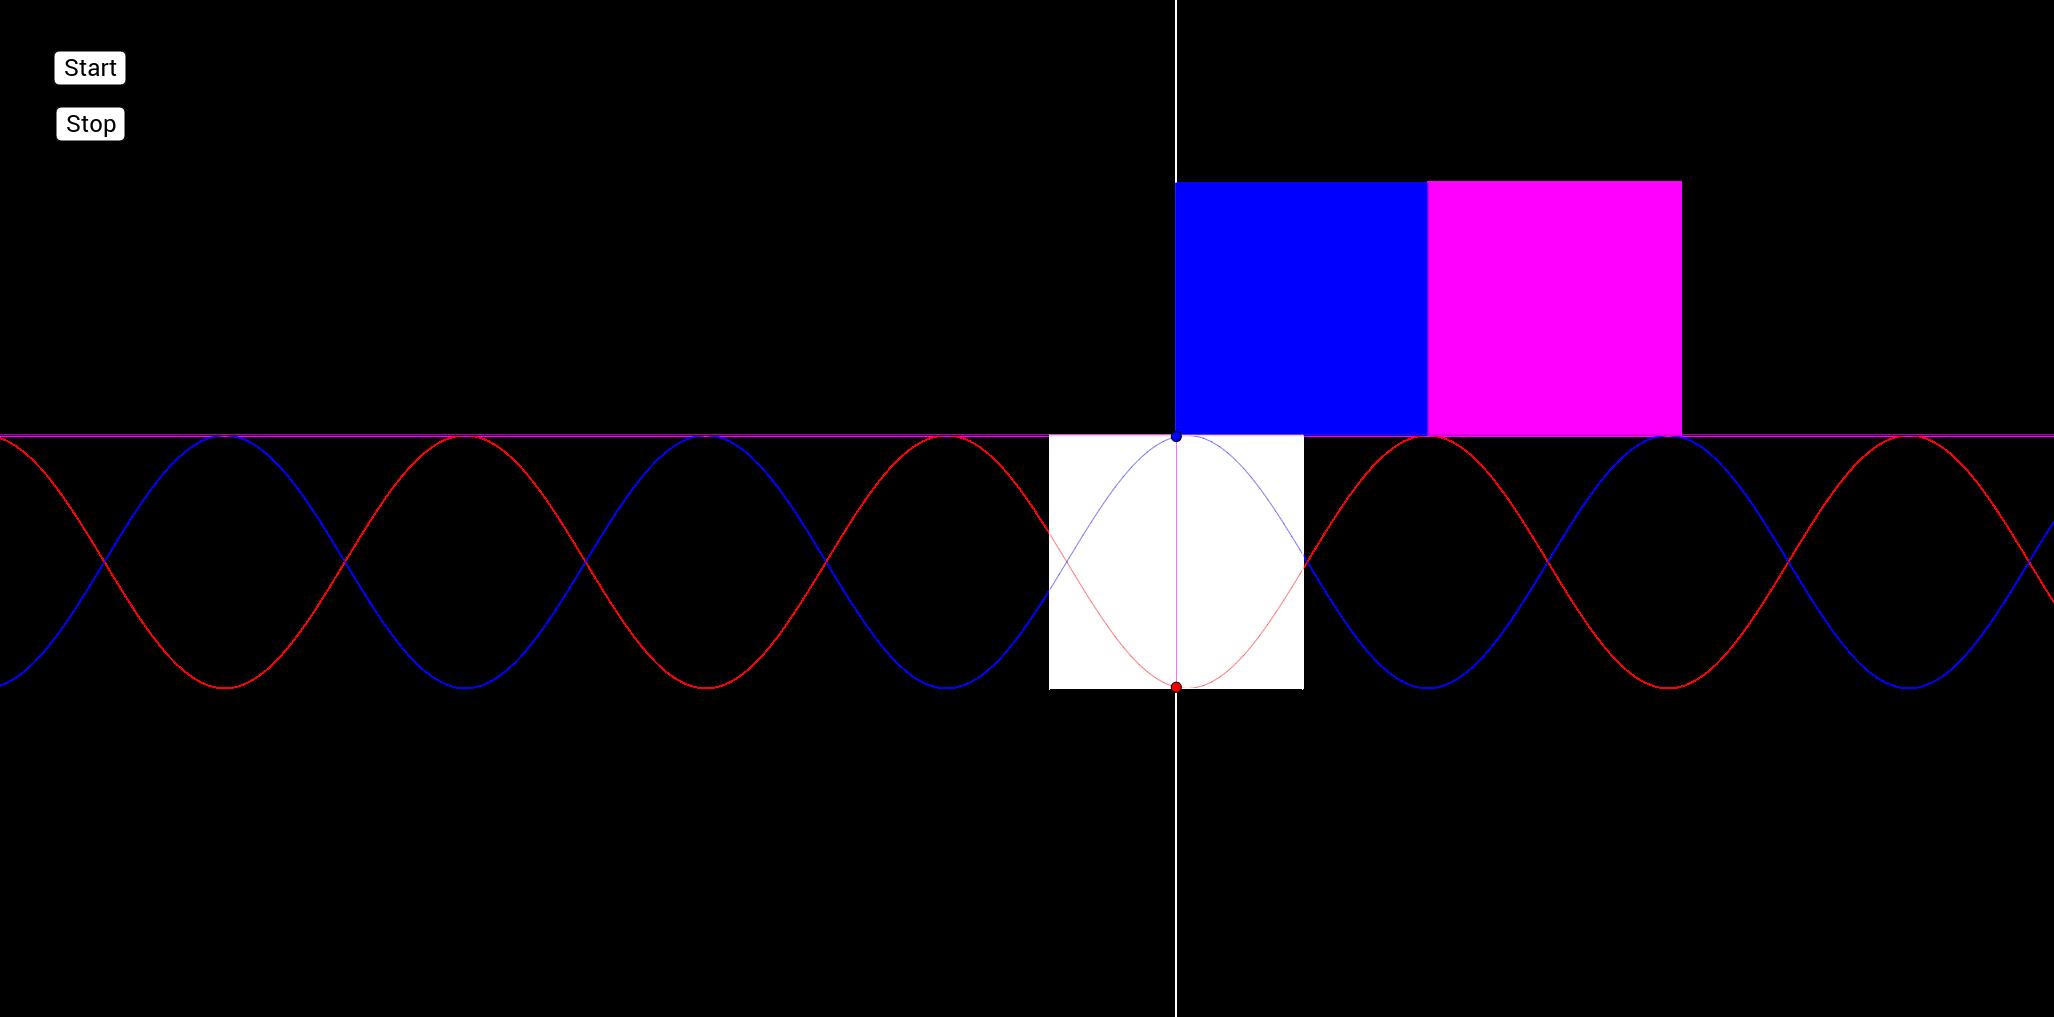 Pythagoras Waves